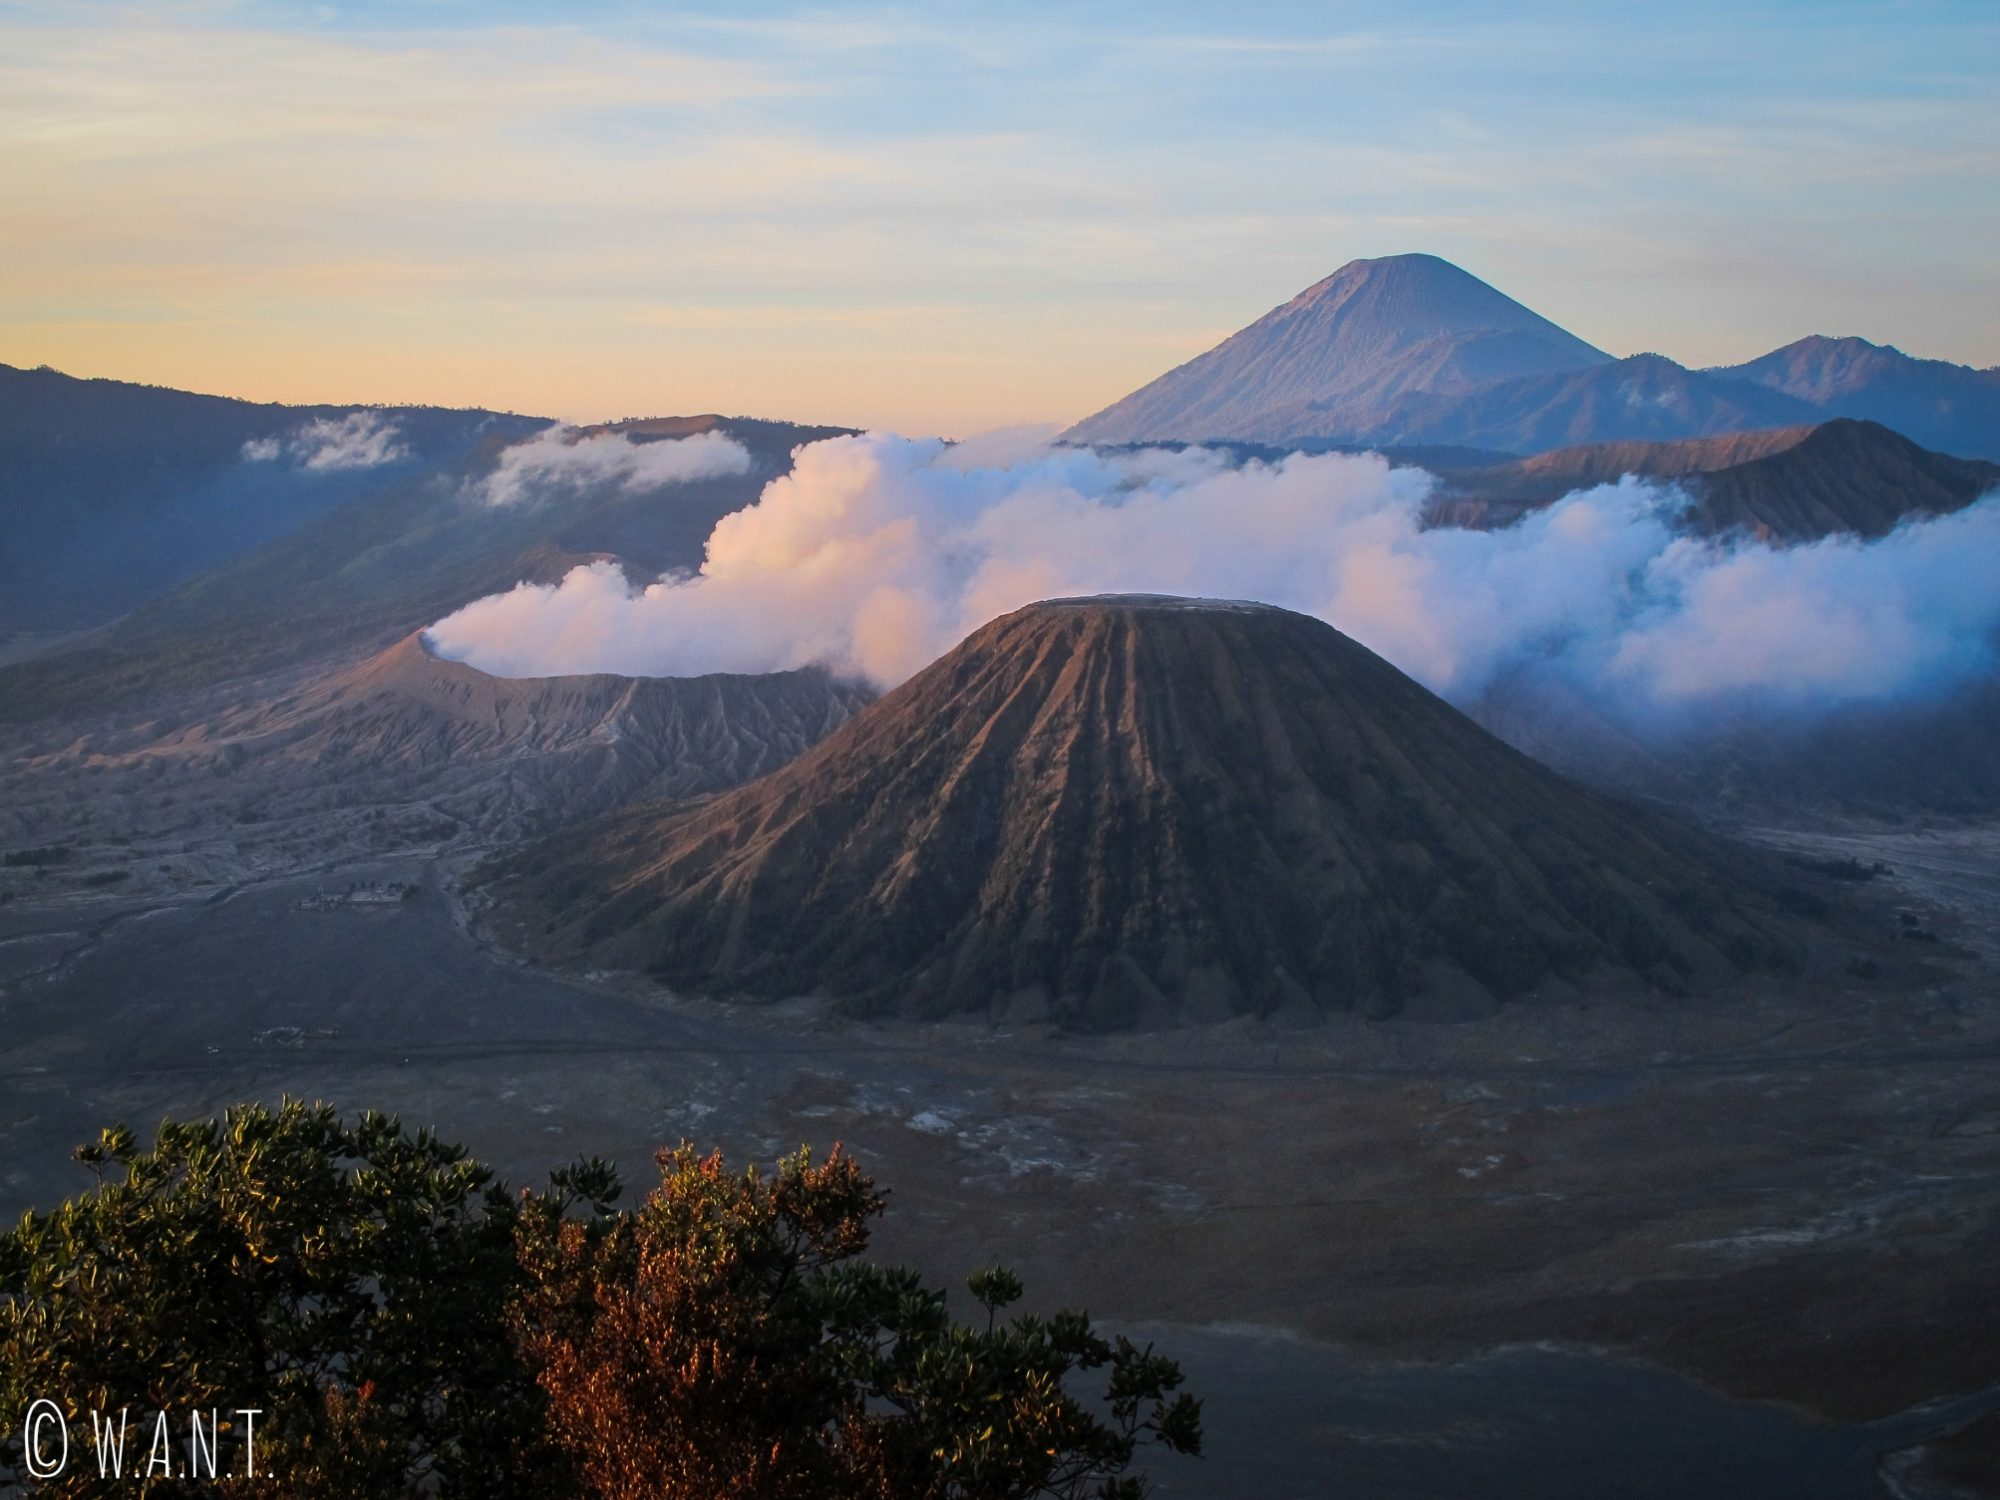 Lumières matinales sur les volcans Bromo, Batok et Semeru